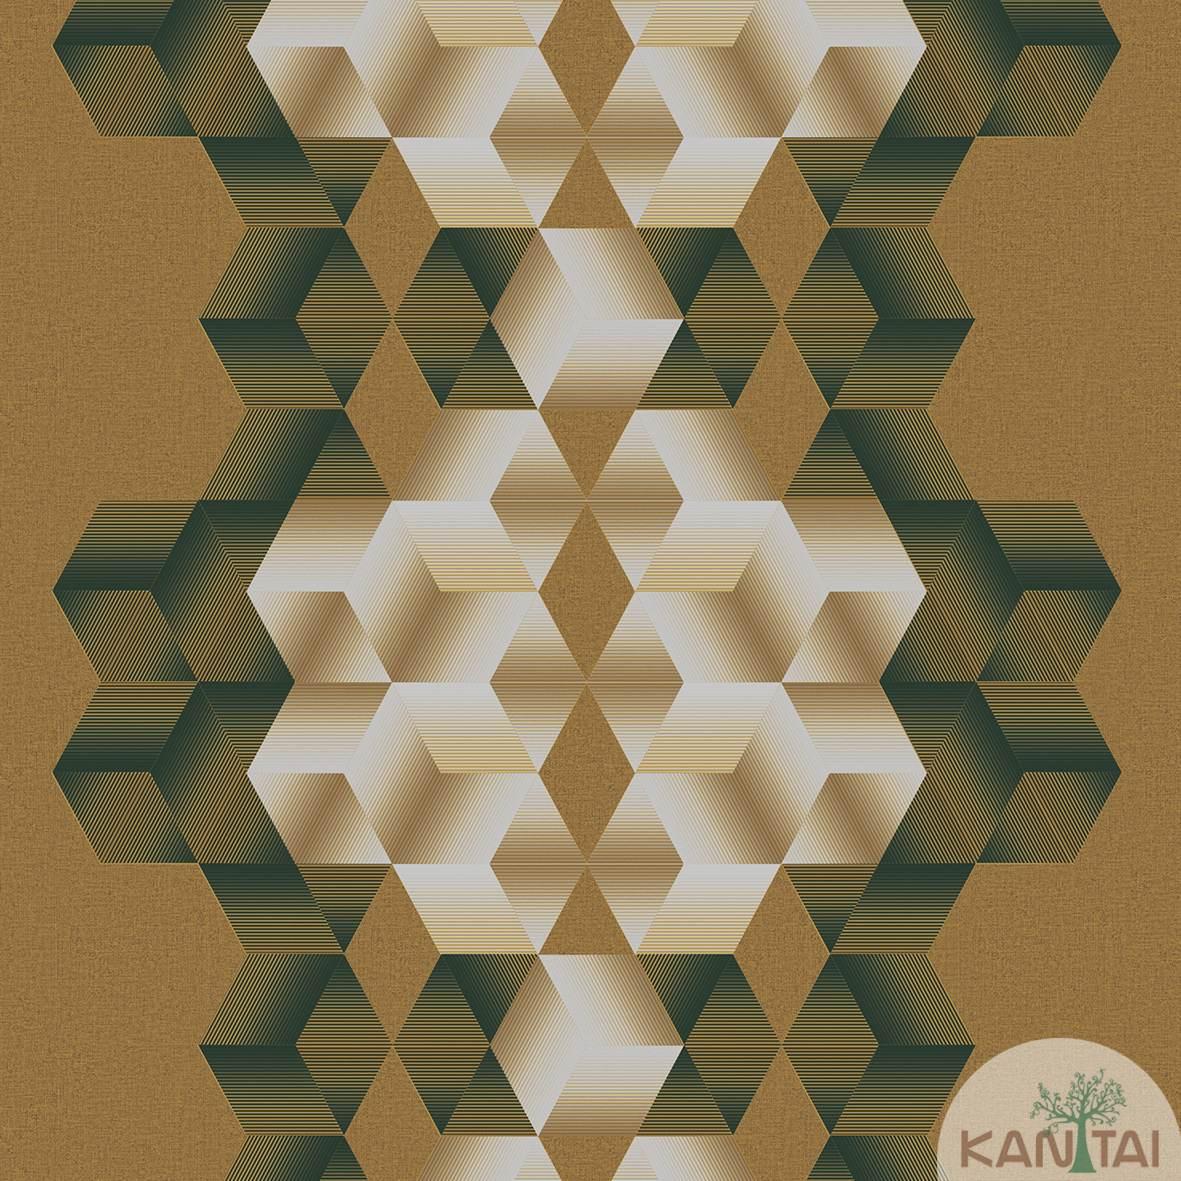 Papel de Parede  Kan Tai  Vinilico Coleção Neonature III 3D Geométrico Losango Tons Marrom, Brilho